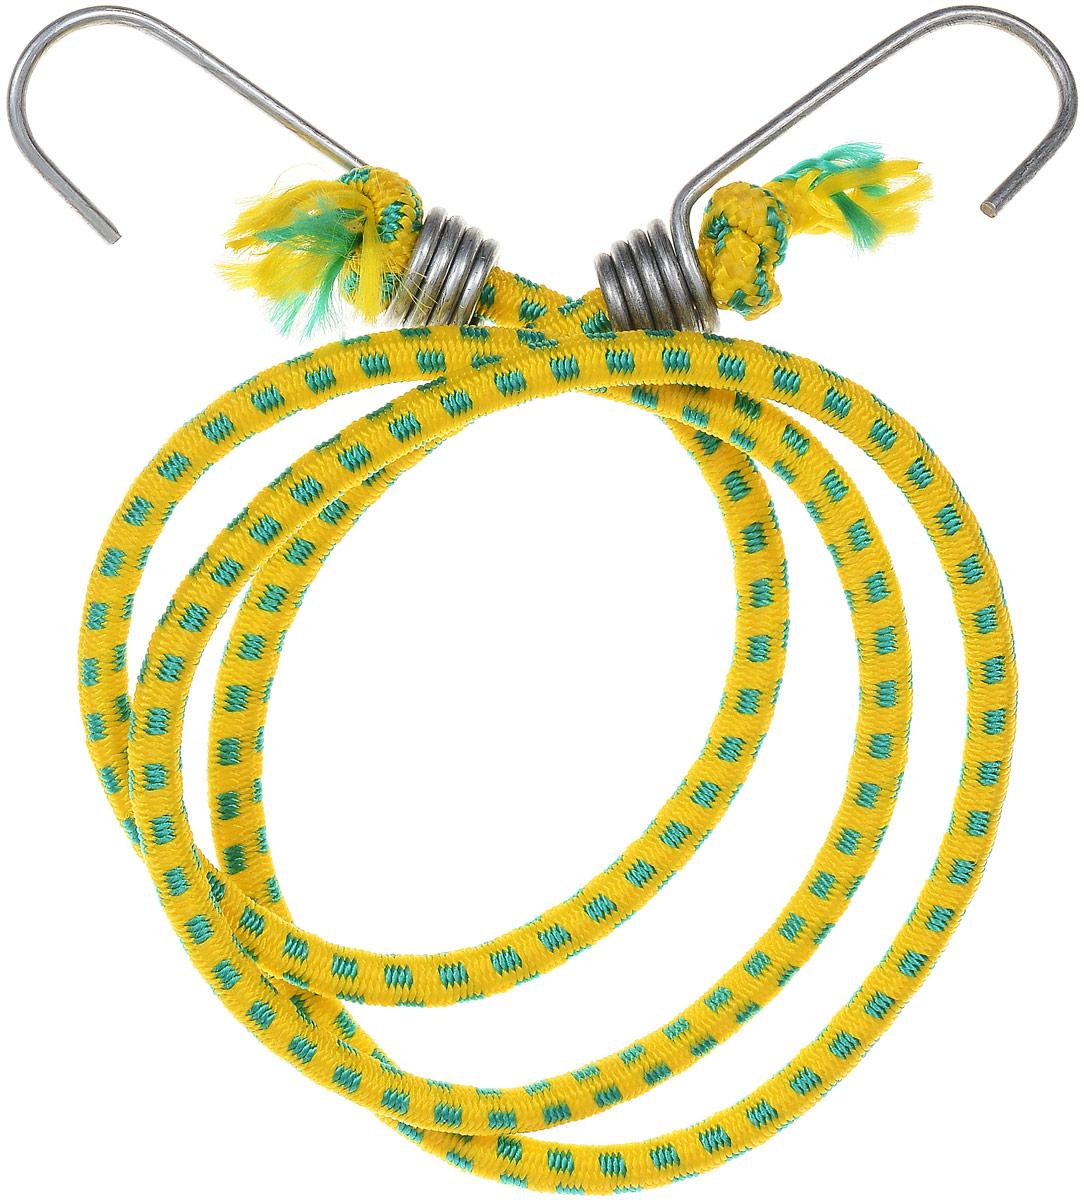 Резинка багажная МастерПроф, с крючками, цвет: желтый, зеленый, 0,6 х 110 см. АС.020052KGB GX-5RSБагажная резинка МастерПроф, выполненная из натурального каучука, оснащена специальными металлическими крюками, которые обеспечивают прочное крепление и не допускают смещения груза во время его перевозки. Изделие применяется для закрепления предметов к багажнику. Такая резинка позволит зафиксировать как небольшой груз, так и довольно габаритный.Температура использования: -50°C до +50°C.Безопасное удлинение: 125%.Толщина резинки: 6 мм.Длина резинки: 110 см.